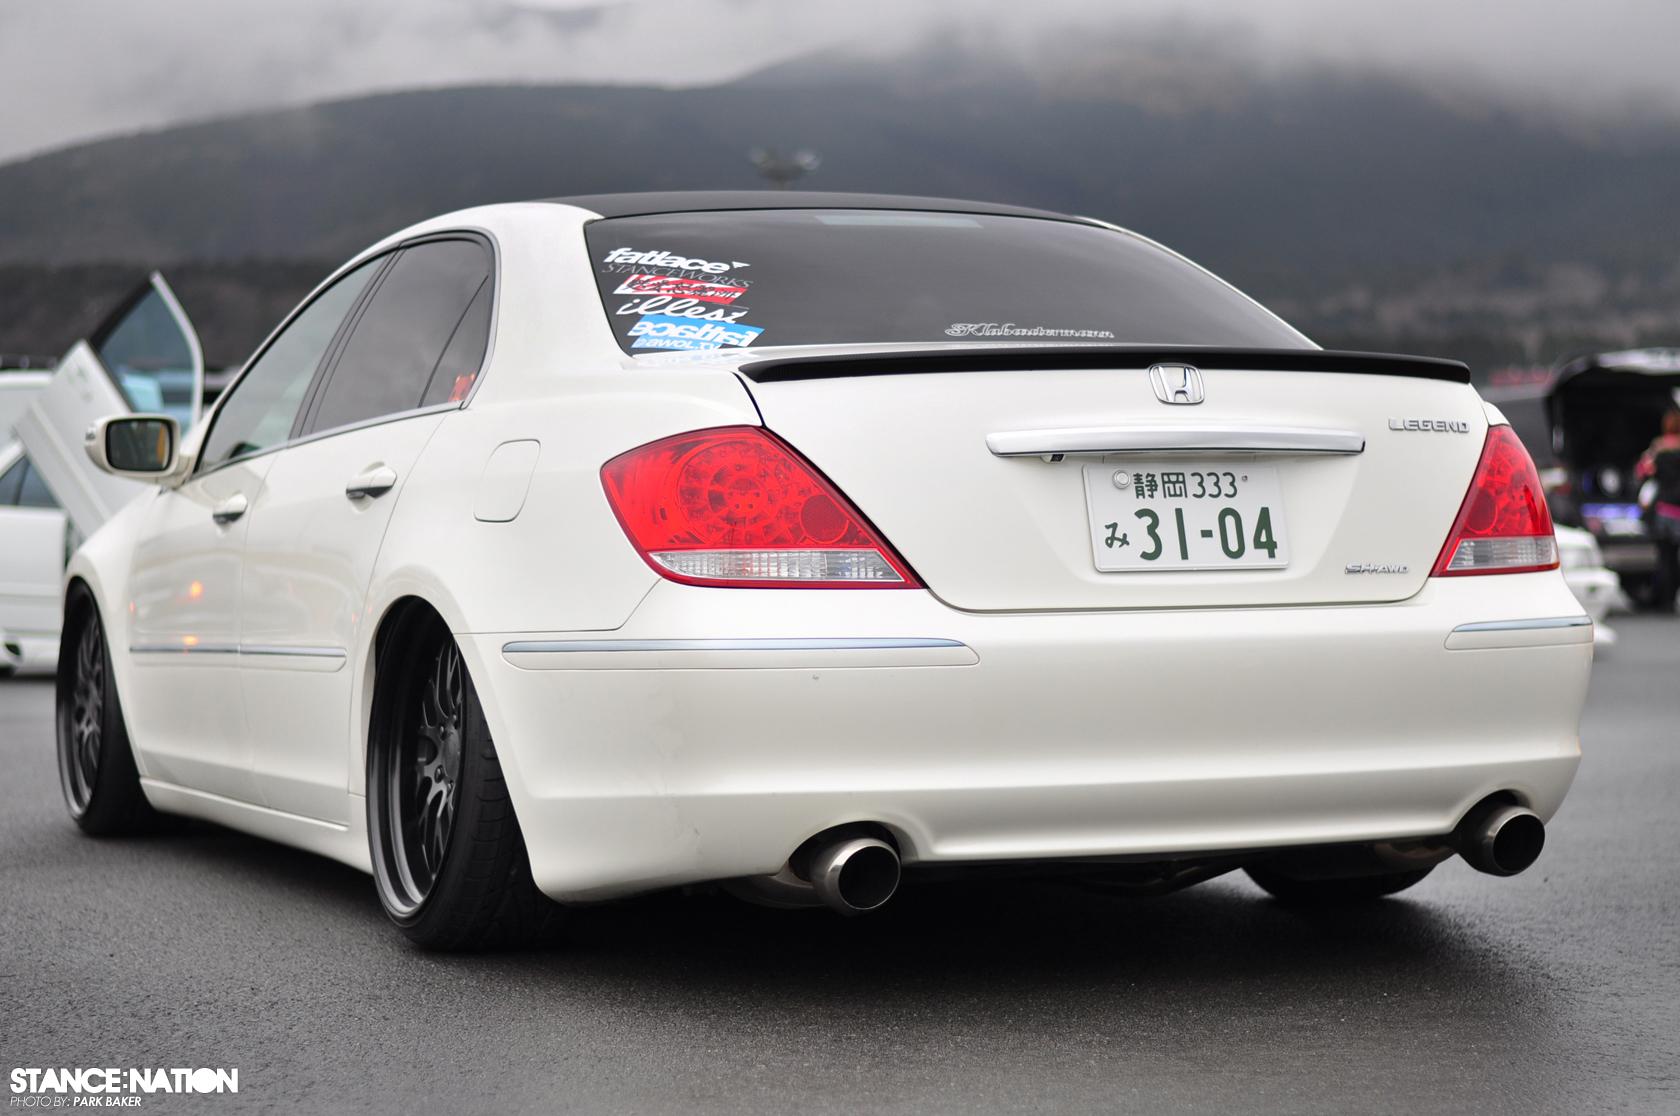 Legend car body for sale - Jdm Kb1 Honda Legend Jdm Vi T N E Pinterest Honda Legend Jdm And Honda